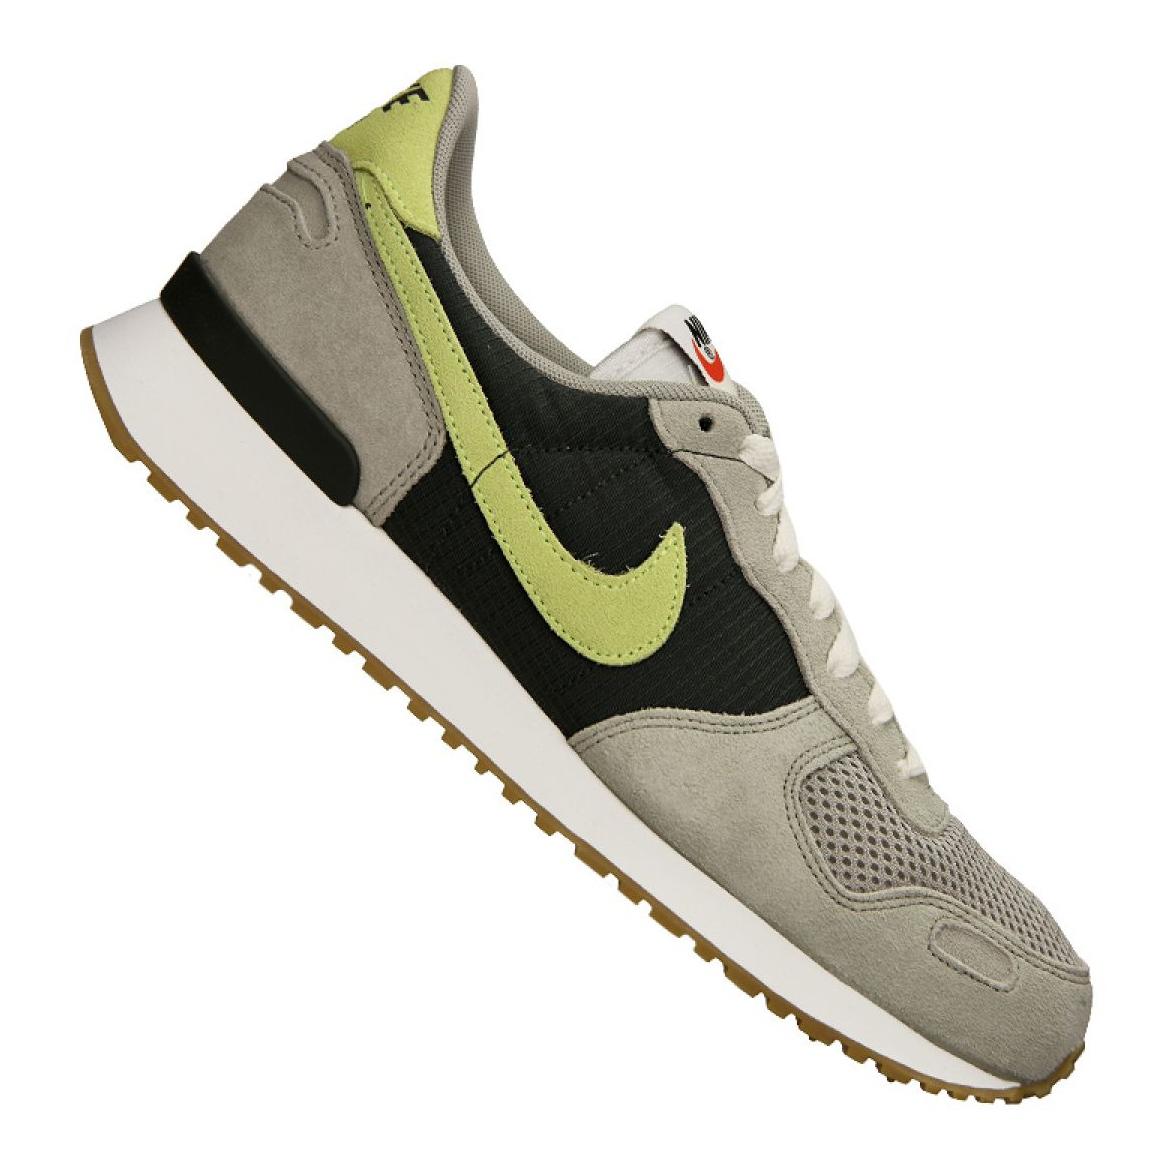 Details about Nike Air Vortex M 903896 304 Shoes show original title